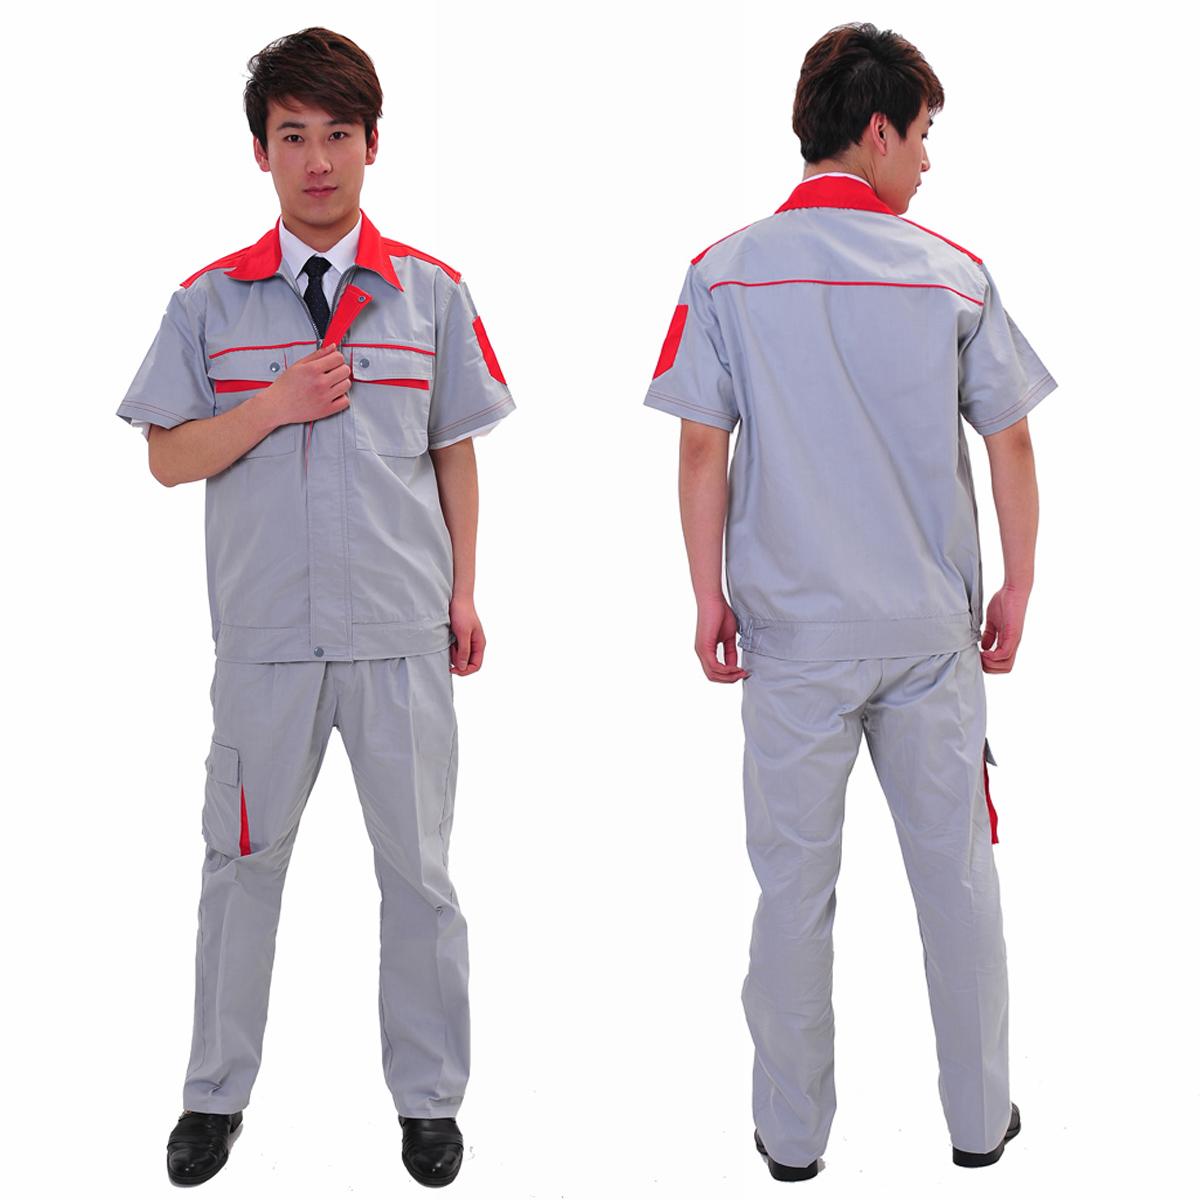 Repair Manual Blog Auto Repair Uniforms